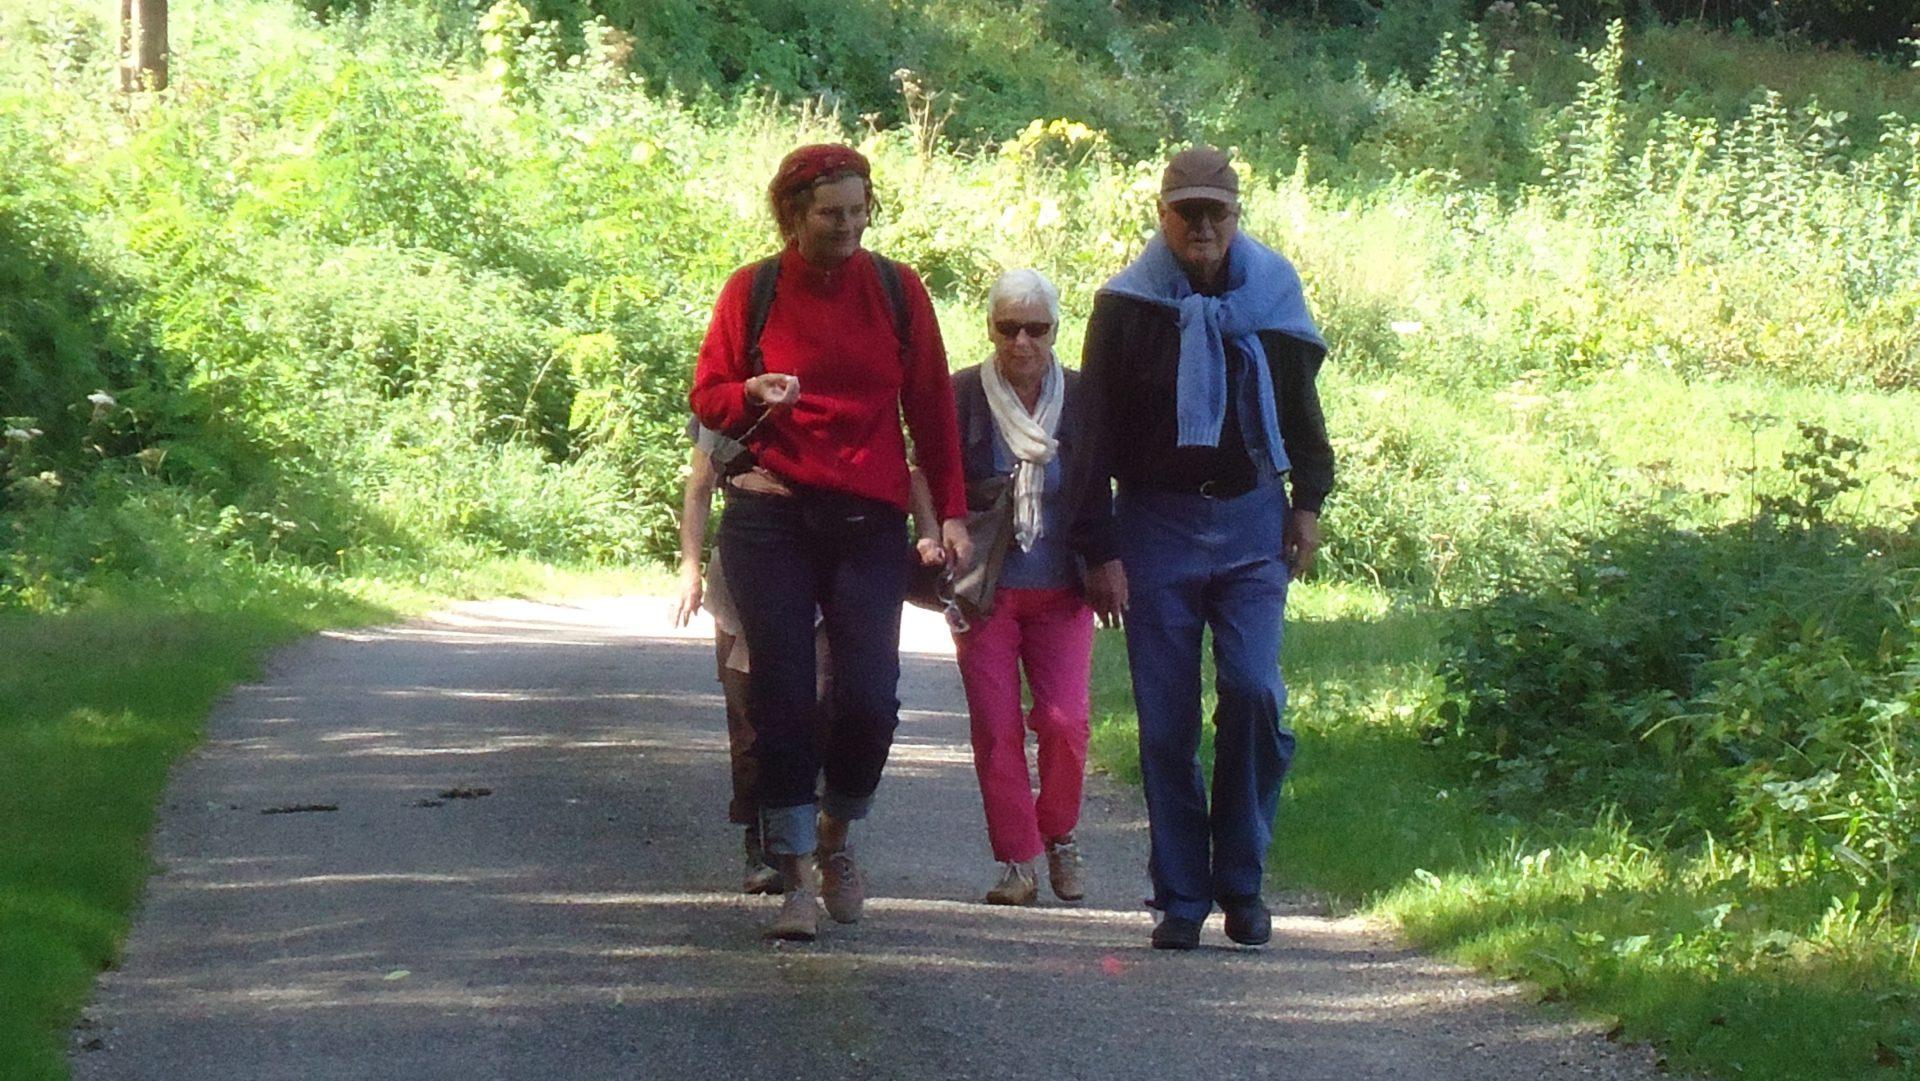 4 wandelaars op een wandelpad tussen het groen